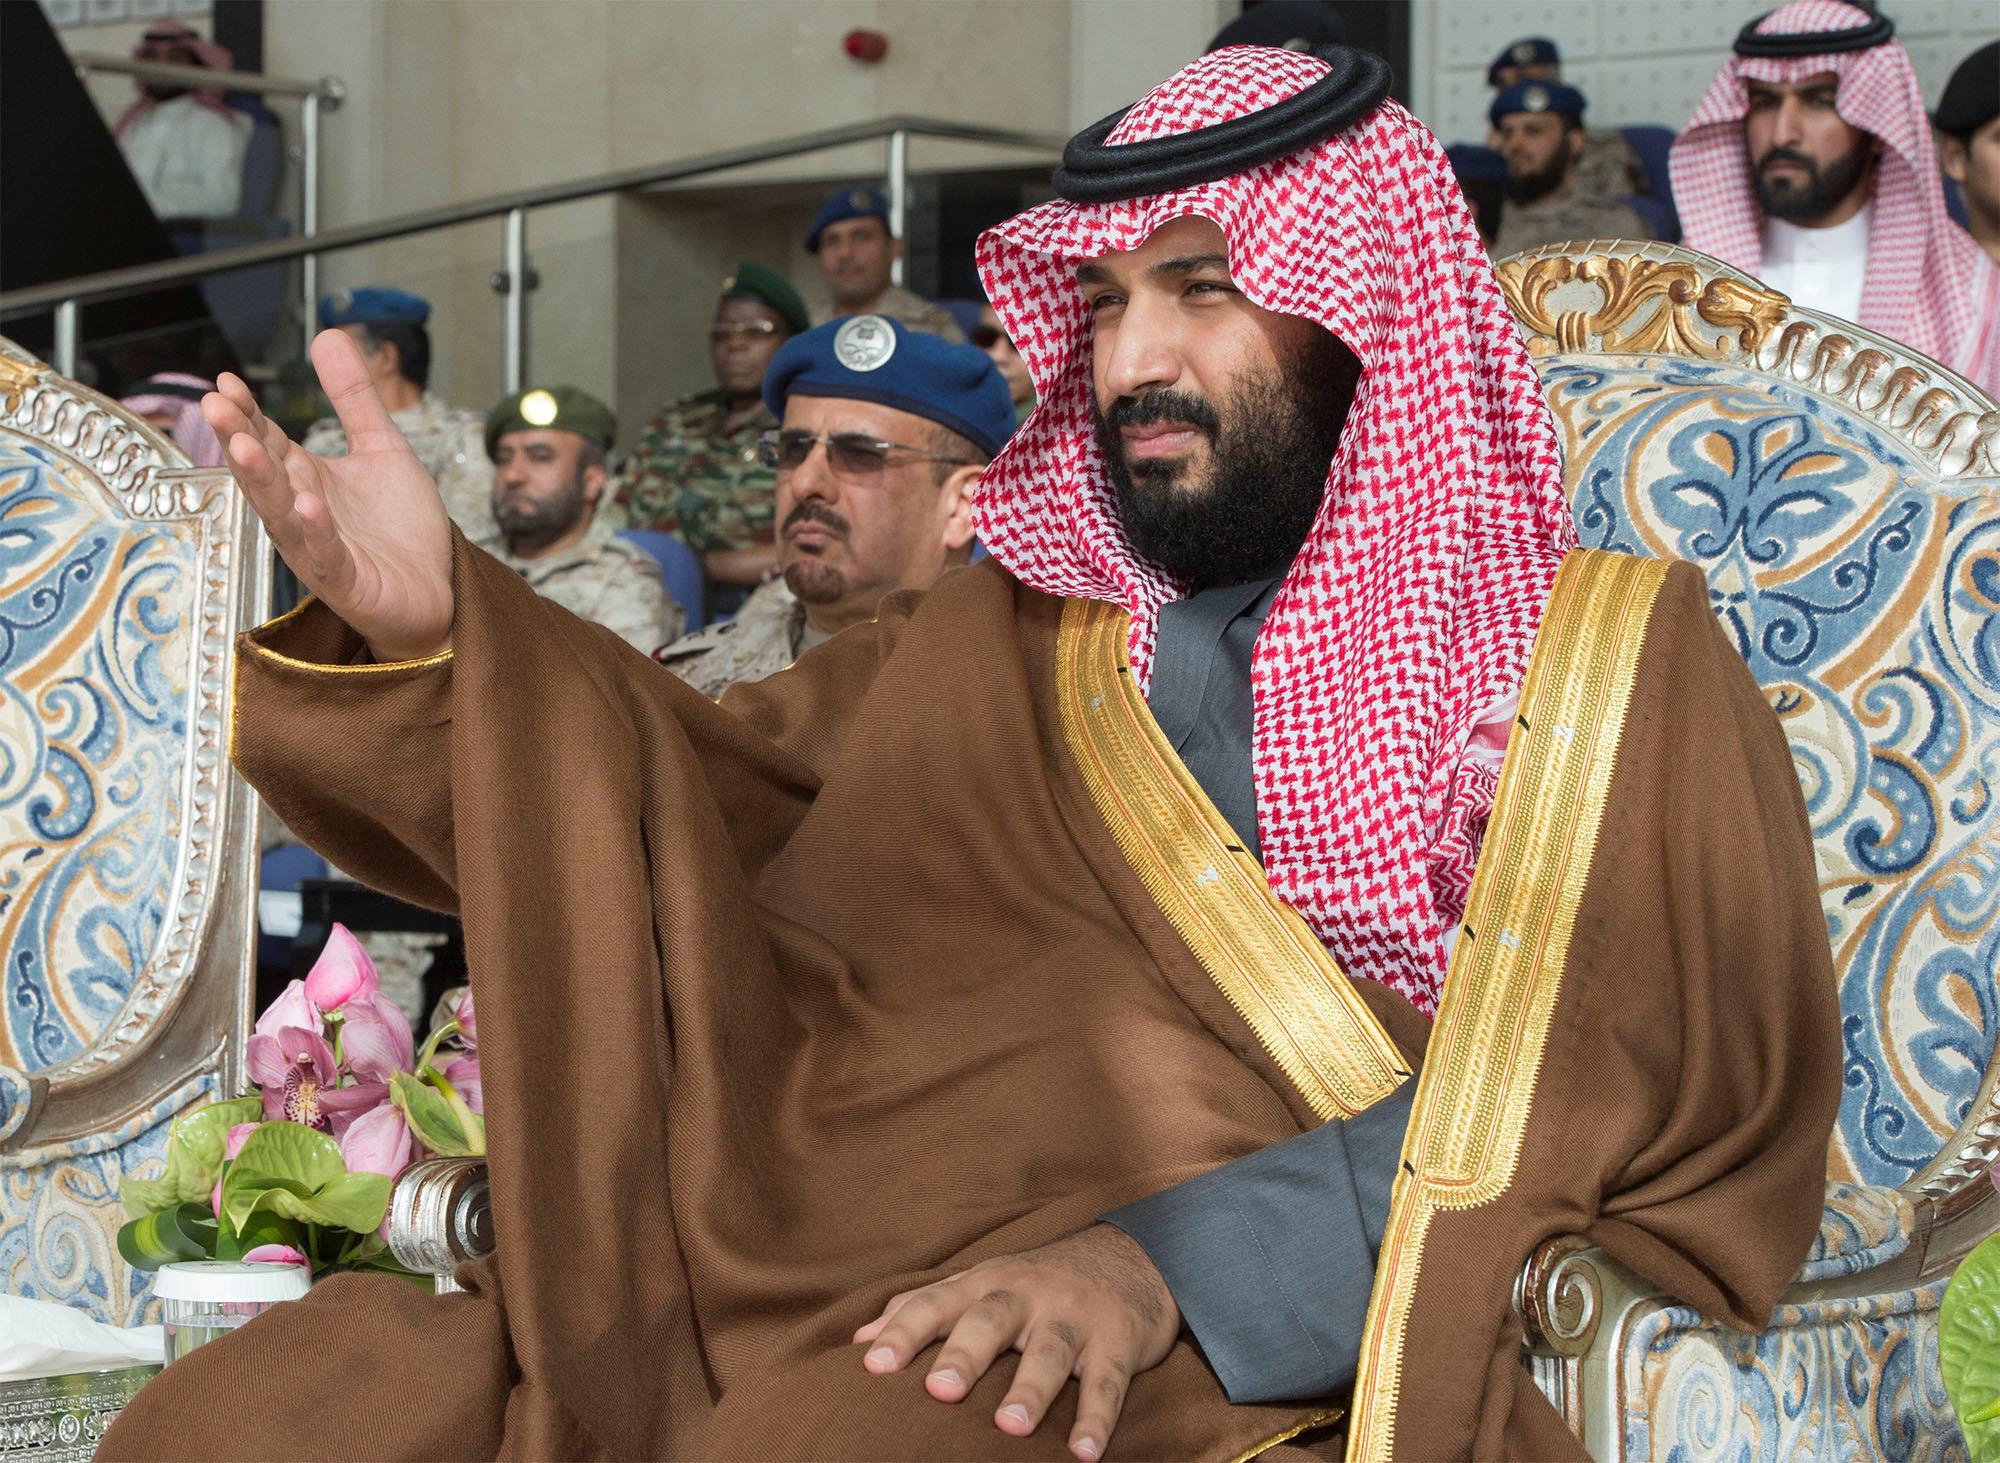 Si l'Iran développe la bombe atomique l'Arabie saoudite fera de même — MBS